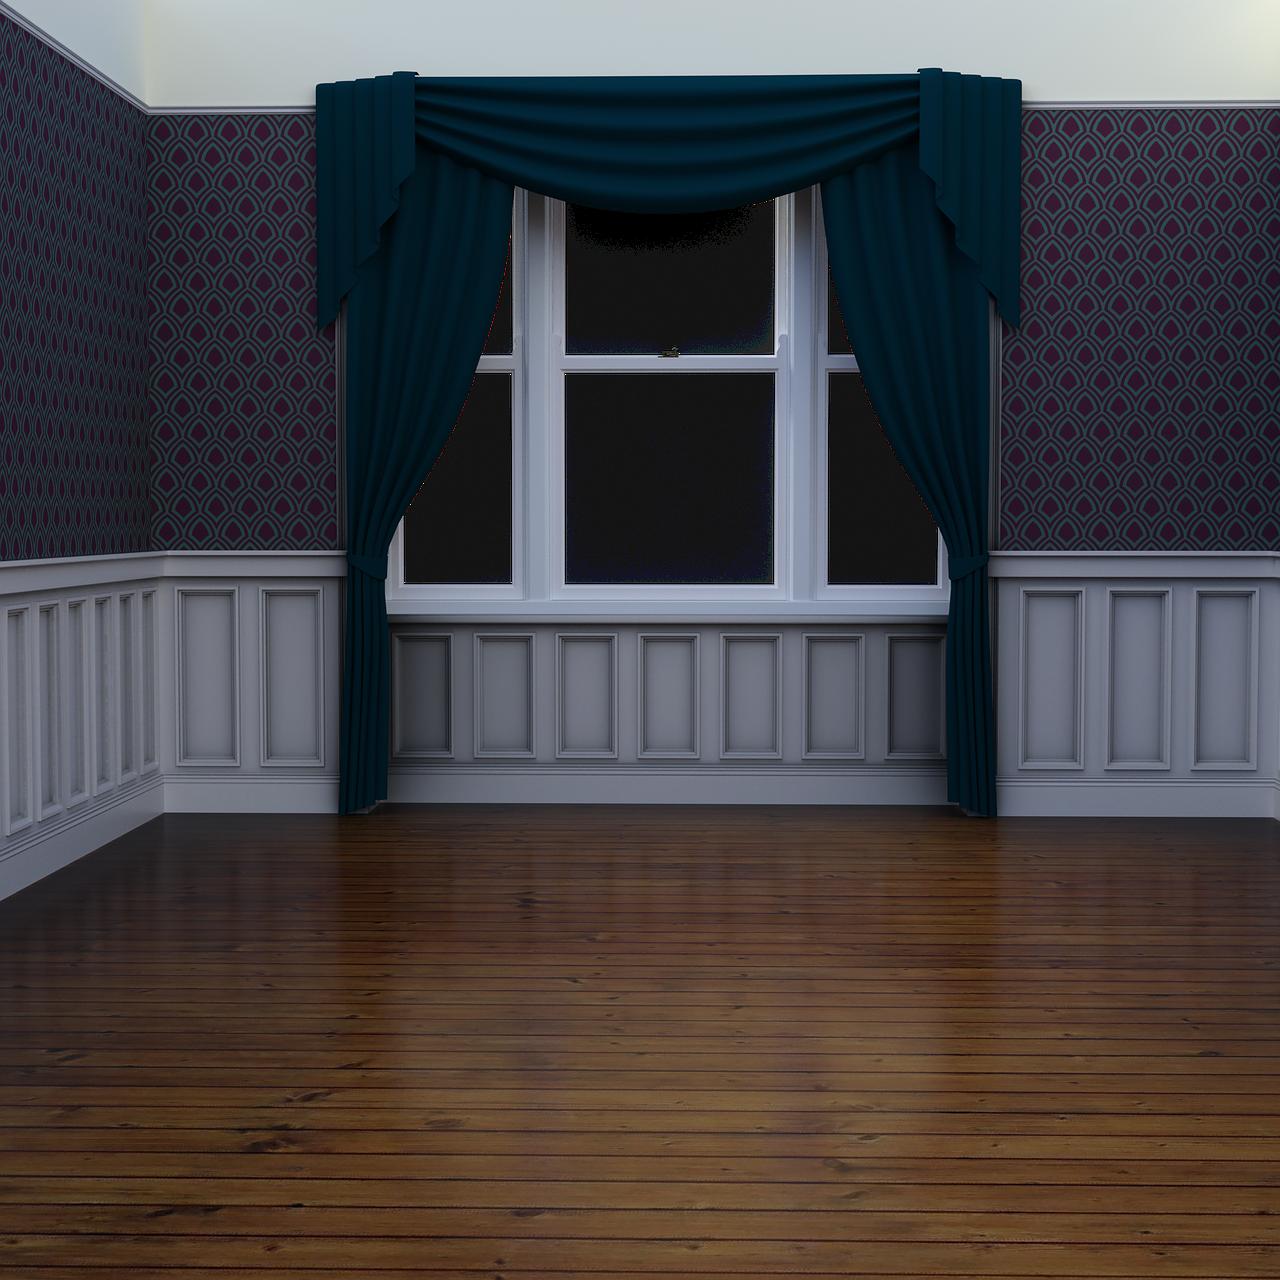 Querbehänge bekommst Du in unterschiedlichen Längen und Breiten, damit sie genau zu Deinen Fenstern passen.